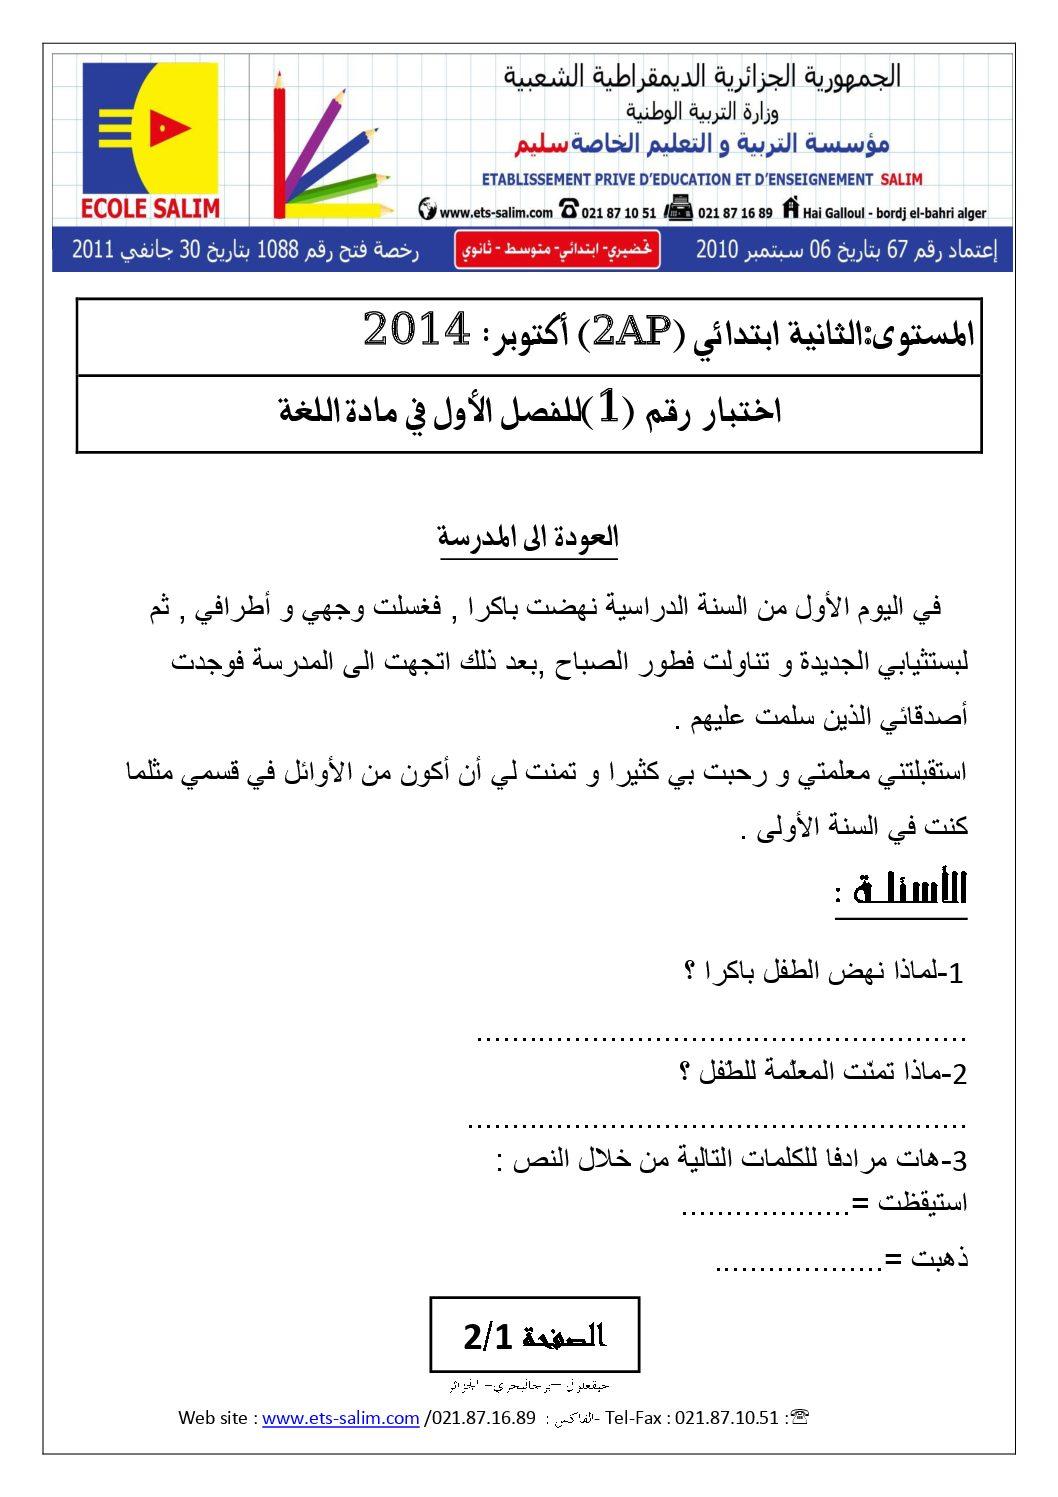 اختبارات الفصل الاول مادة اللغة العربية للسنة الثانية ابتدائي